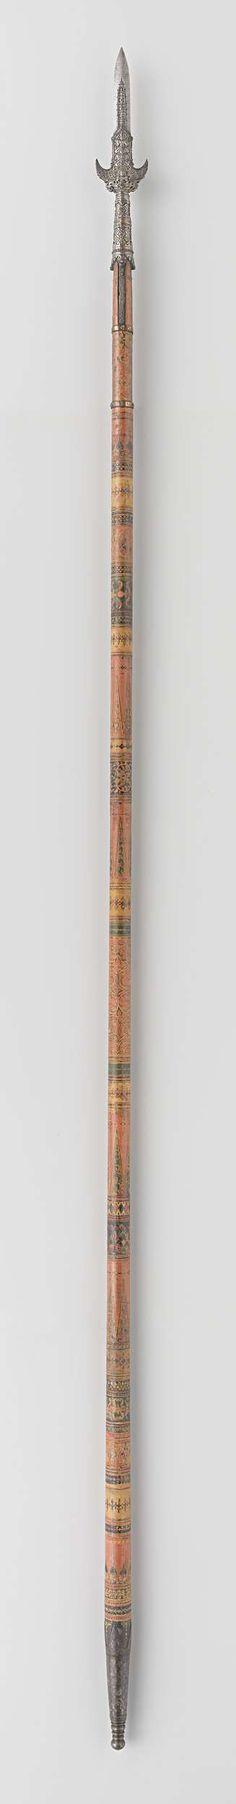   Partizaan van het wapenrek door Indische groten geschonken aan Gouverneur-Generaal J.C. baron Baud, c. 1700 - c. 1800   Ronde houten schacht beschilderd in zwart, rood, geel en groen met voorstellingen van Boddhisattva's, menselijke figuren en geometrische motieven. Onderzijde schacht en omhulsel met horizontale inkepingen toelopend in ovale punt. Omhulsel heeft gepunte bovenrand. Smalle kling uitlopend in scherpe punt. De vier lippen zijn zonder versiering en, om en om, verschillend van…